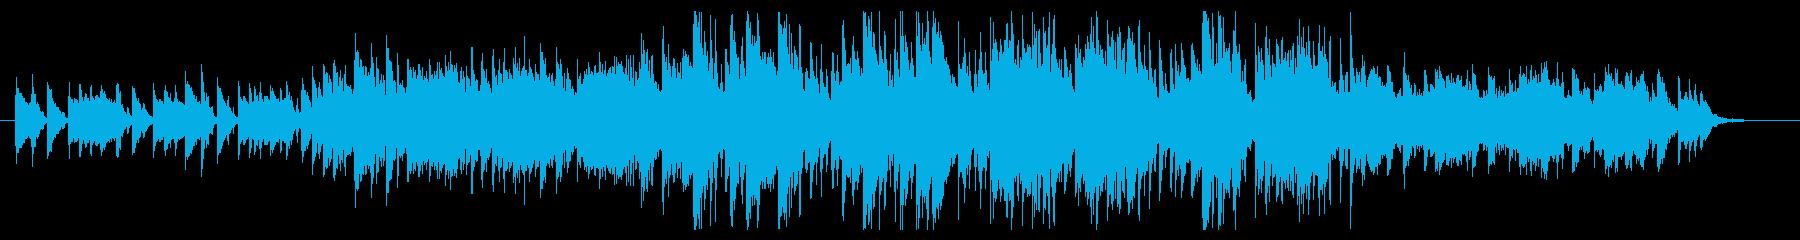 ポップ・ロック・疾走感の再生済みの波形